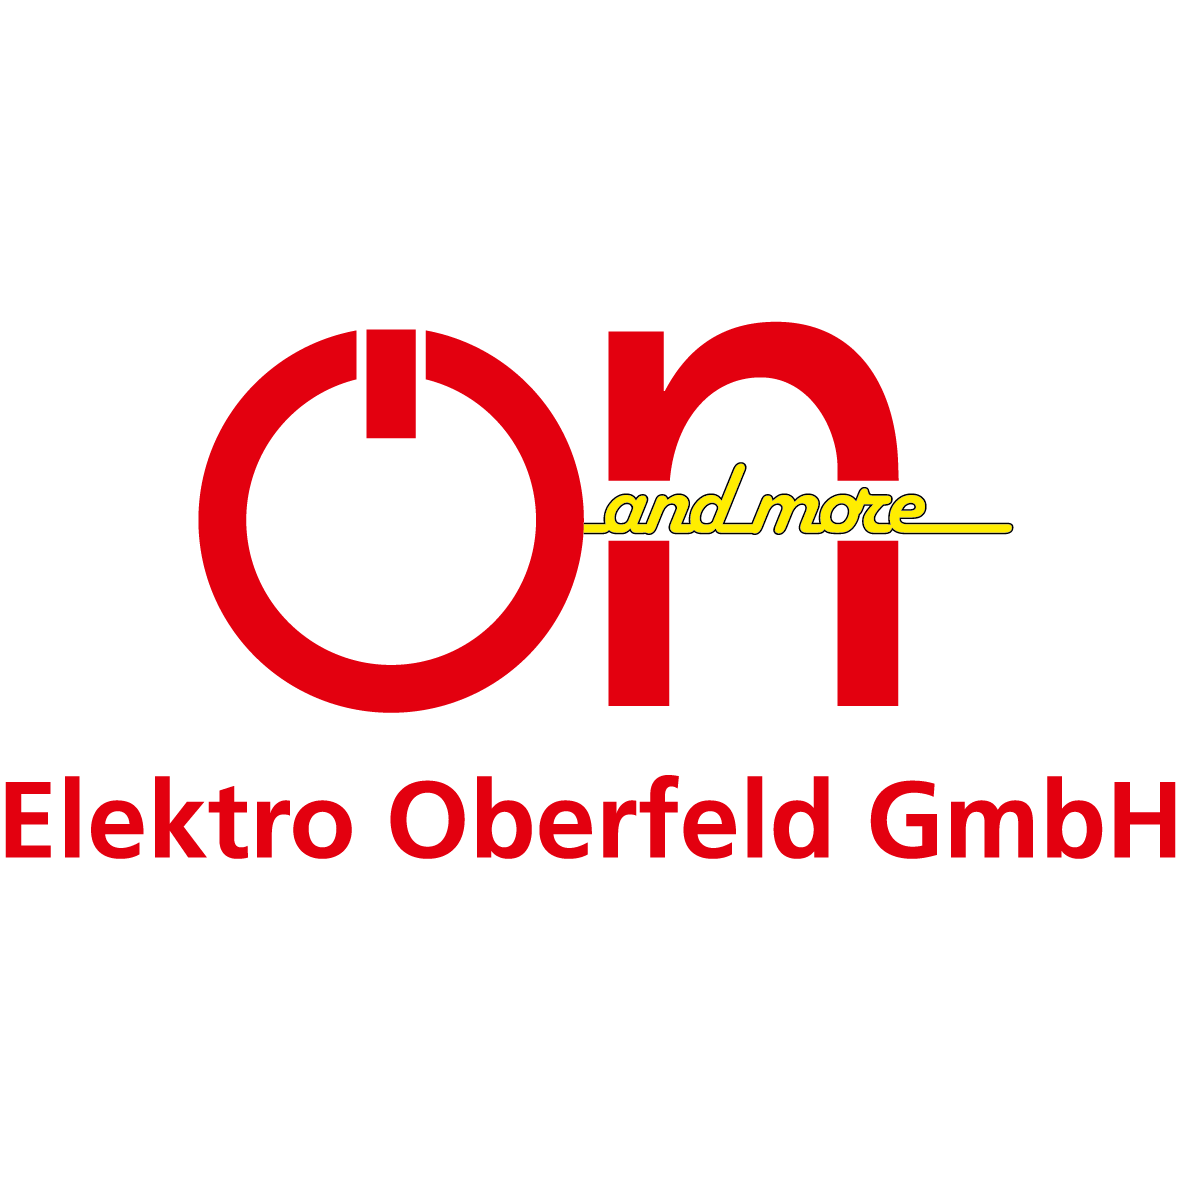 Bild zu Elektro Oberfeld GmbH in Bochum